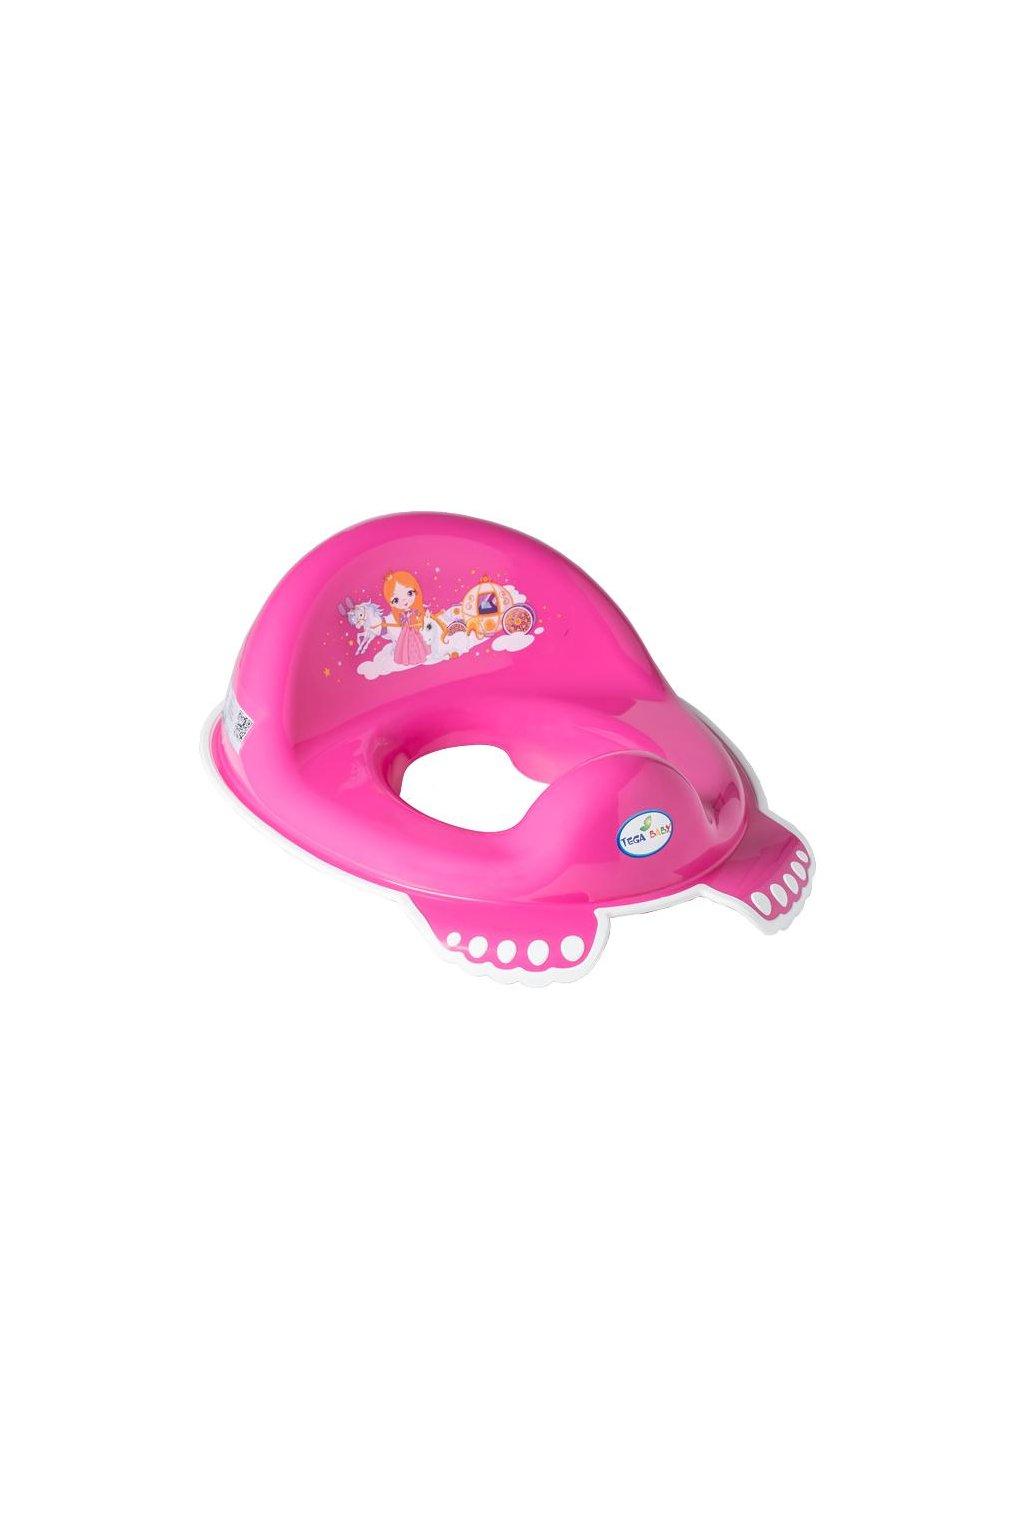 Detské protišmykové sedátko na WC Malá Princezná ružové